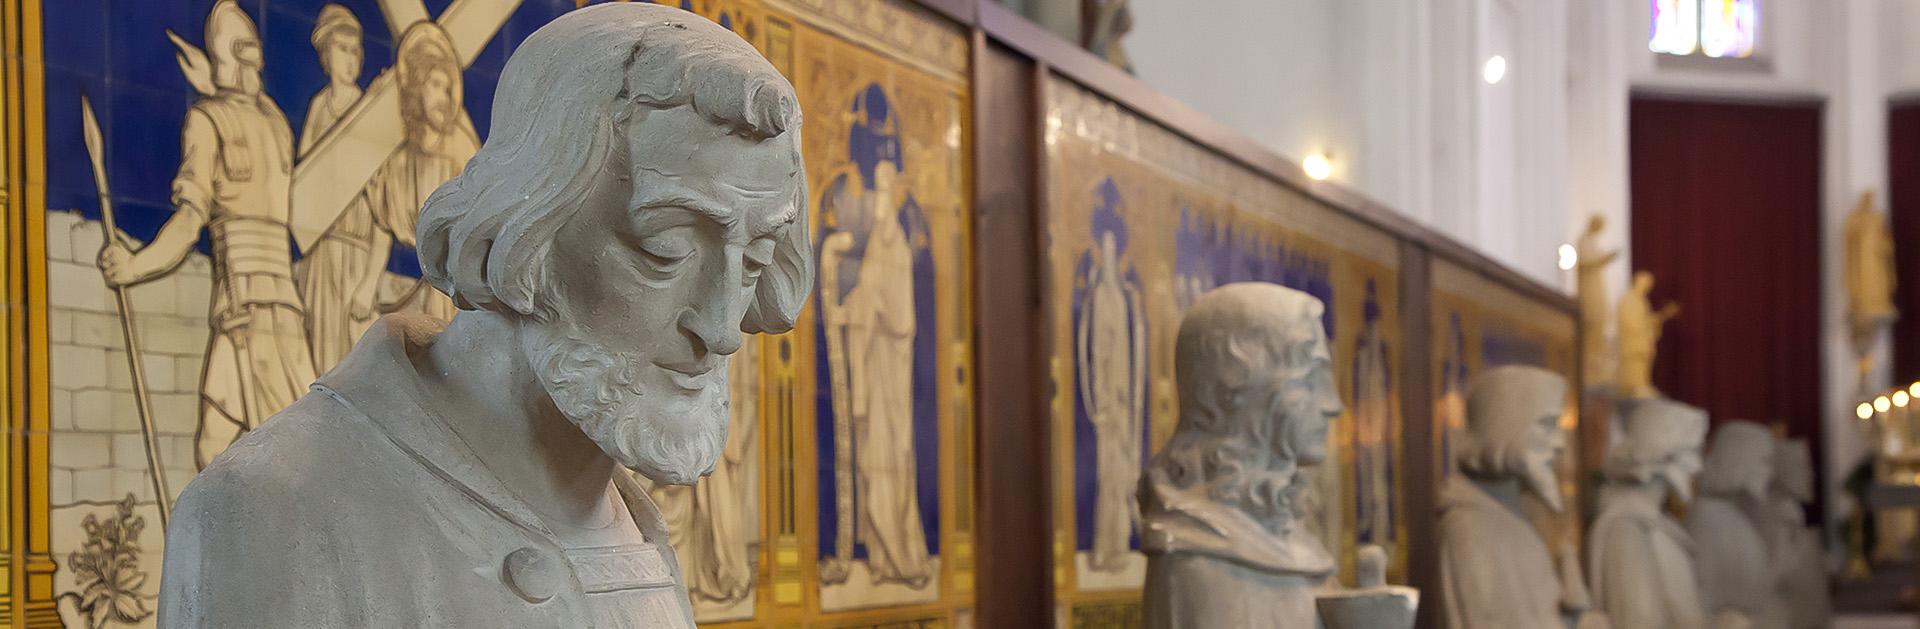 Heiligenbeeldenmuseum - Vorden